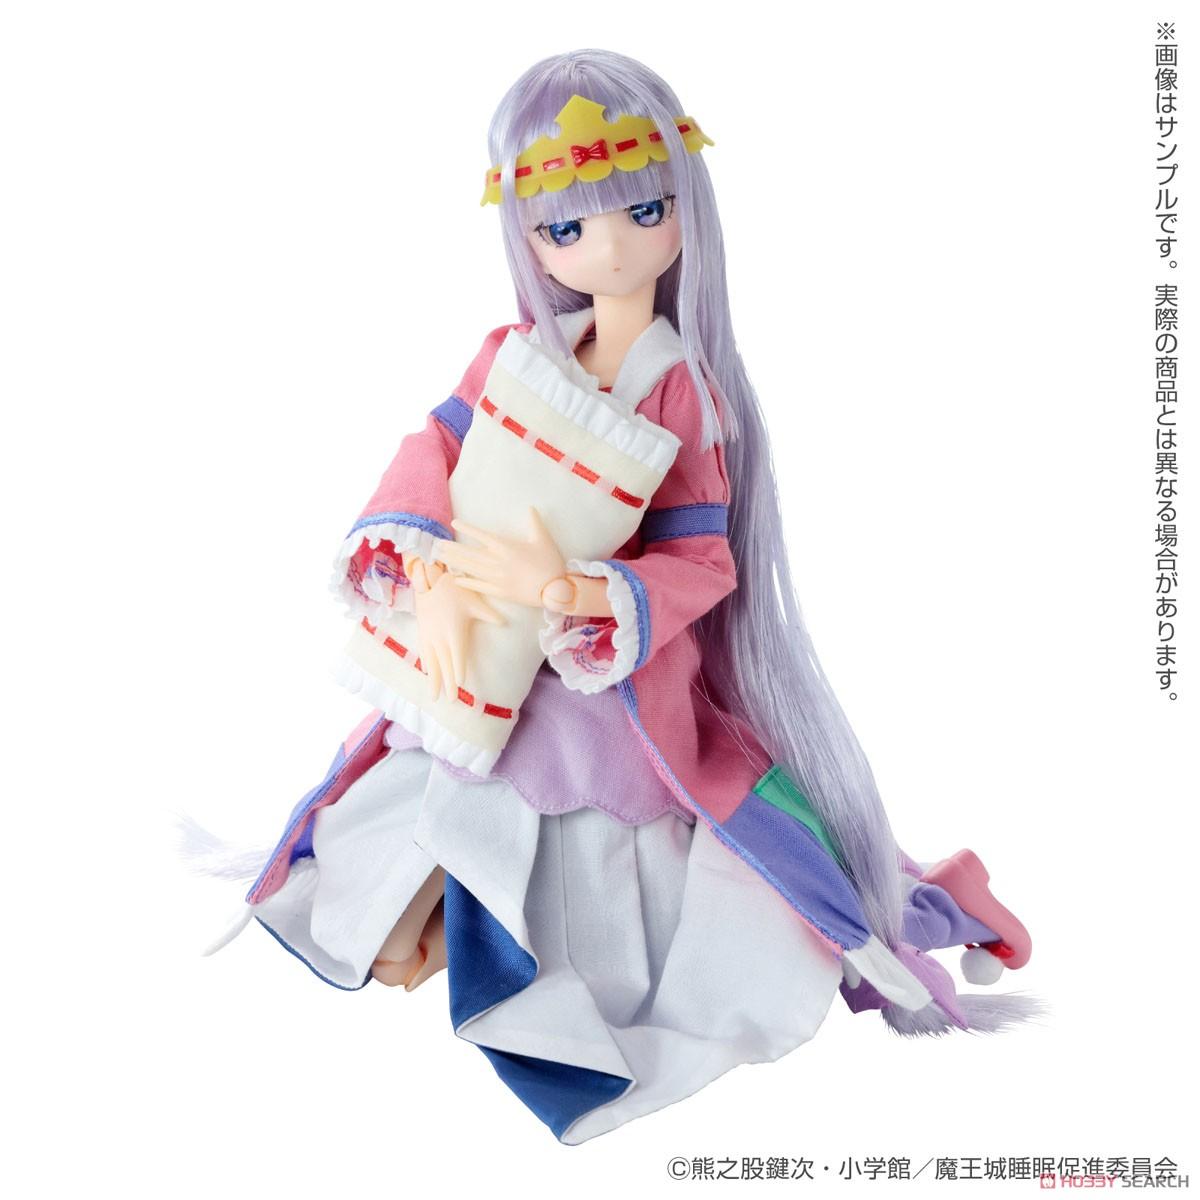 ピュアニーモ キャラクターシリーズ No.138『スヤリス姫』魔王城でおやすみ 1/6 完成品ドール-004